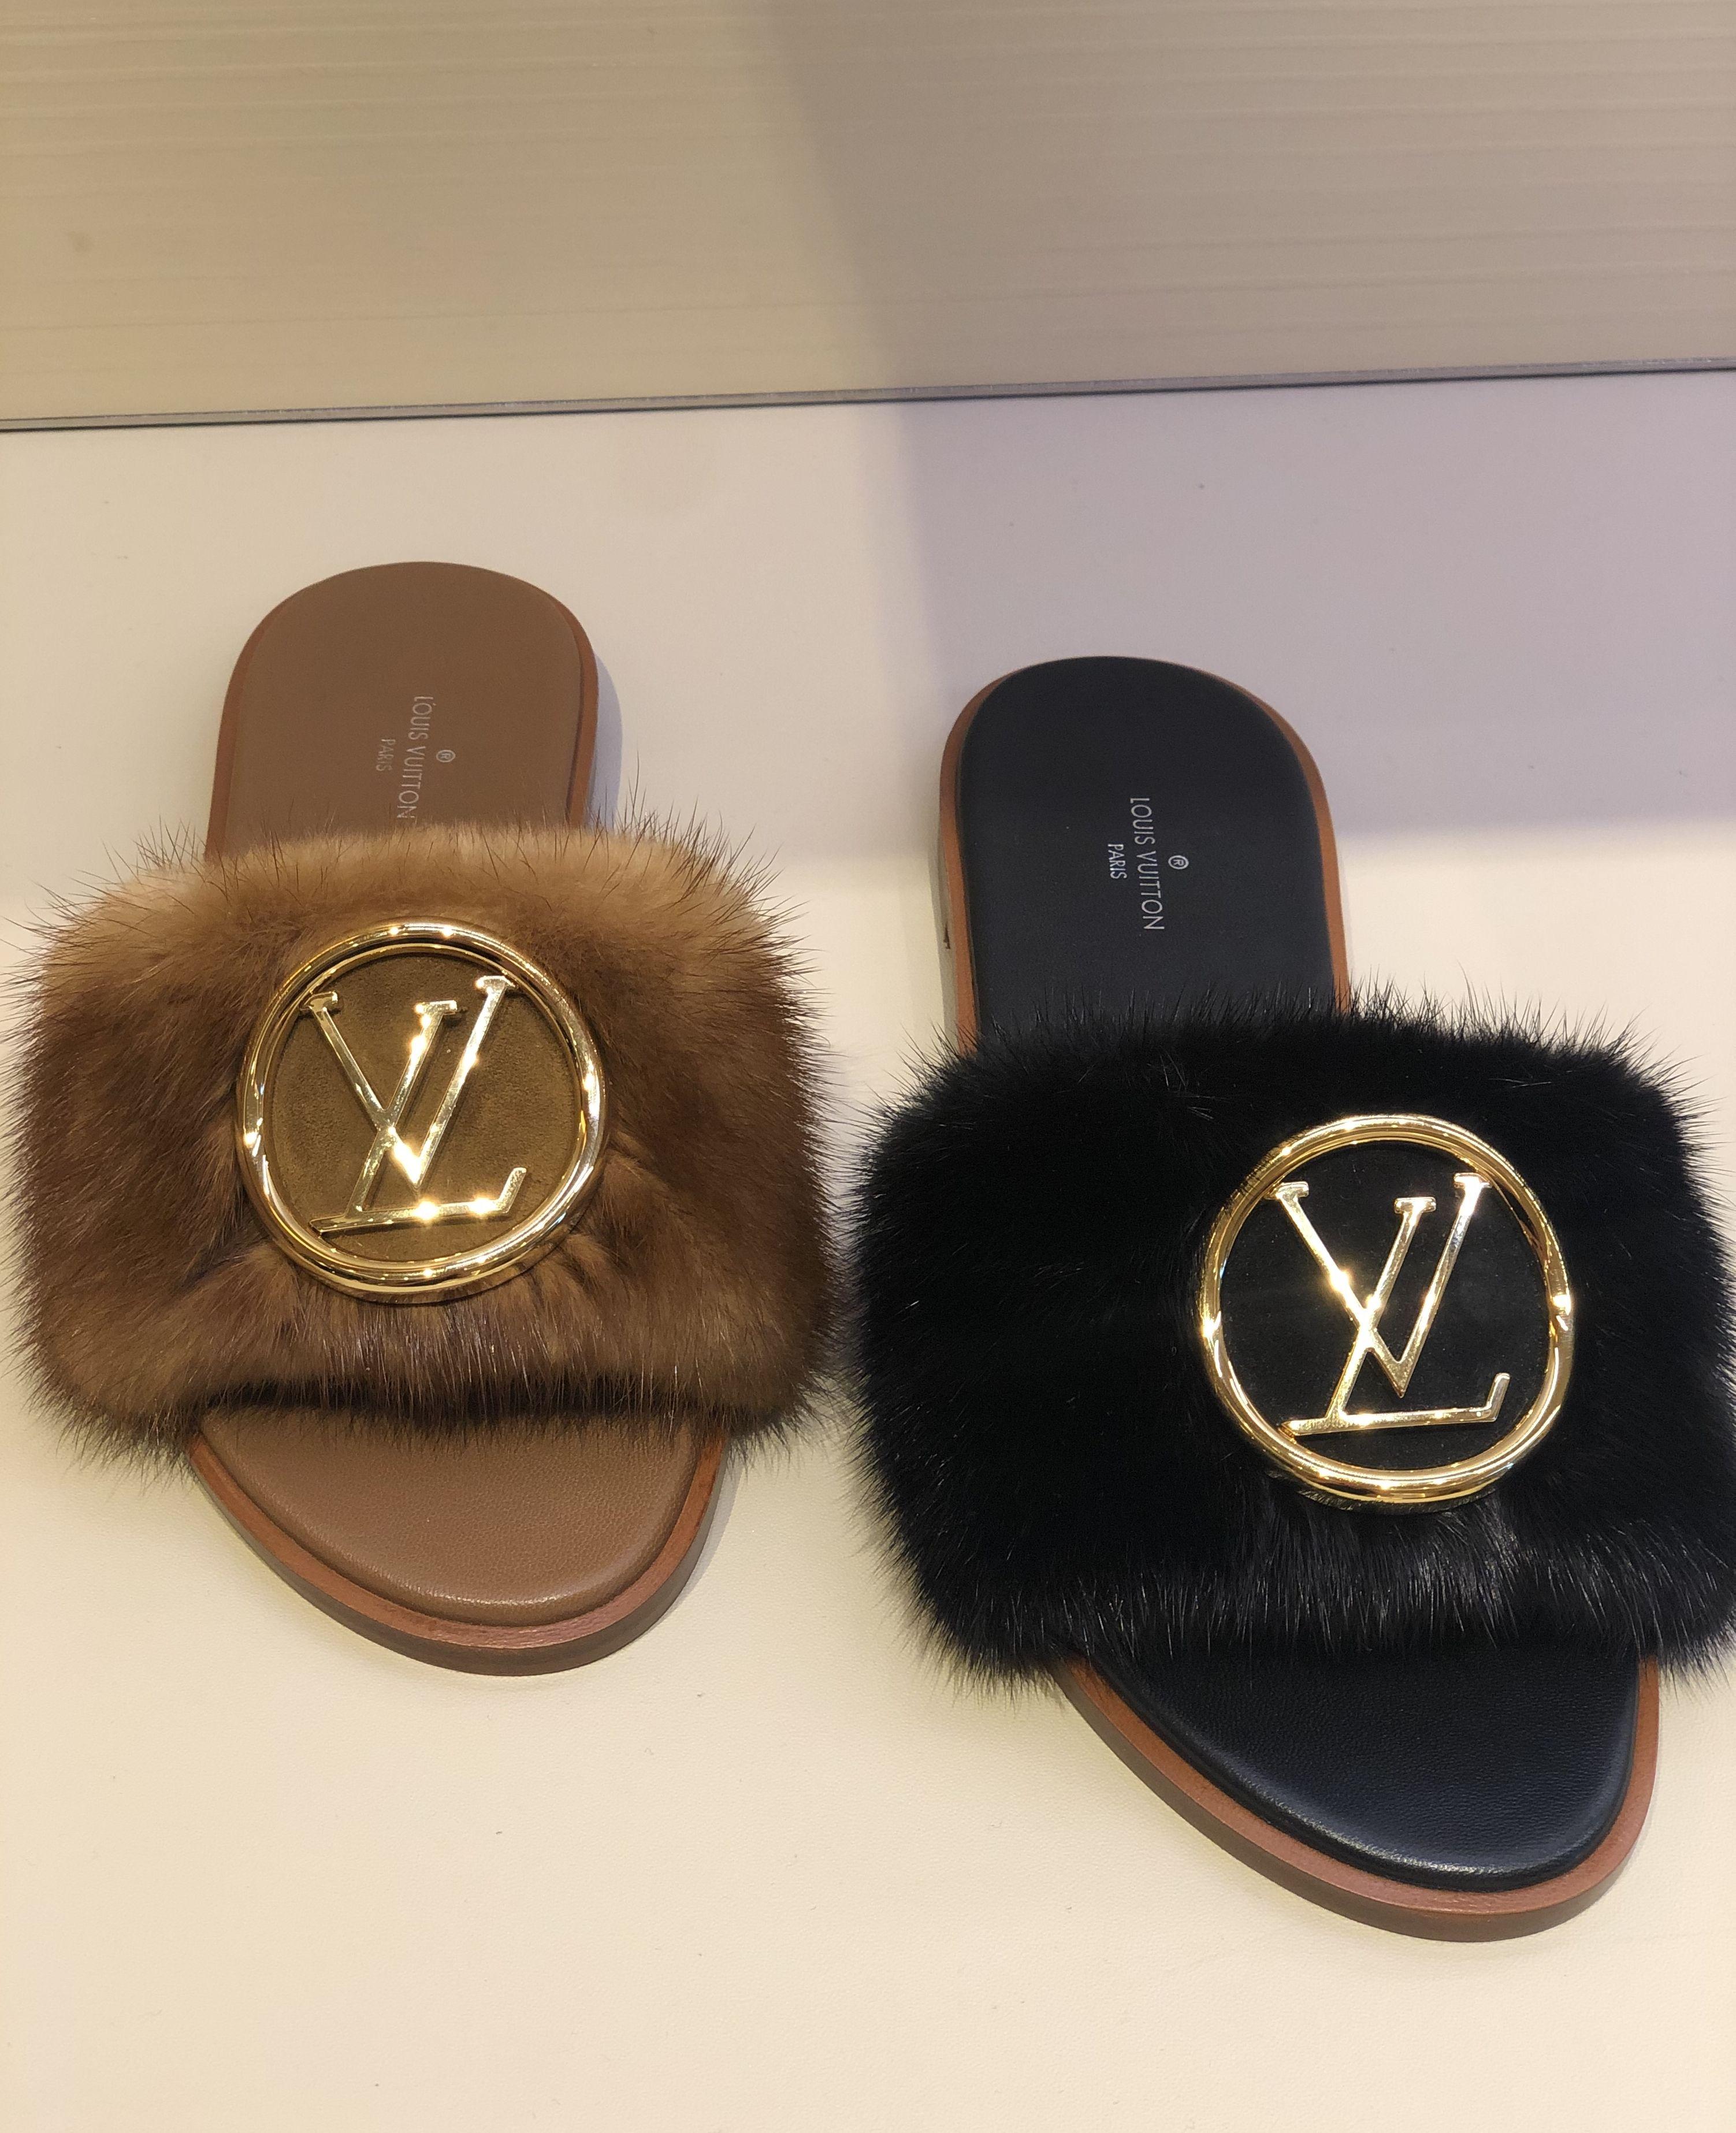 Louis Vuitton Lock it mules in soft mink fur